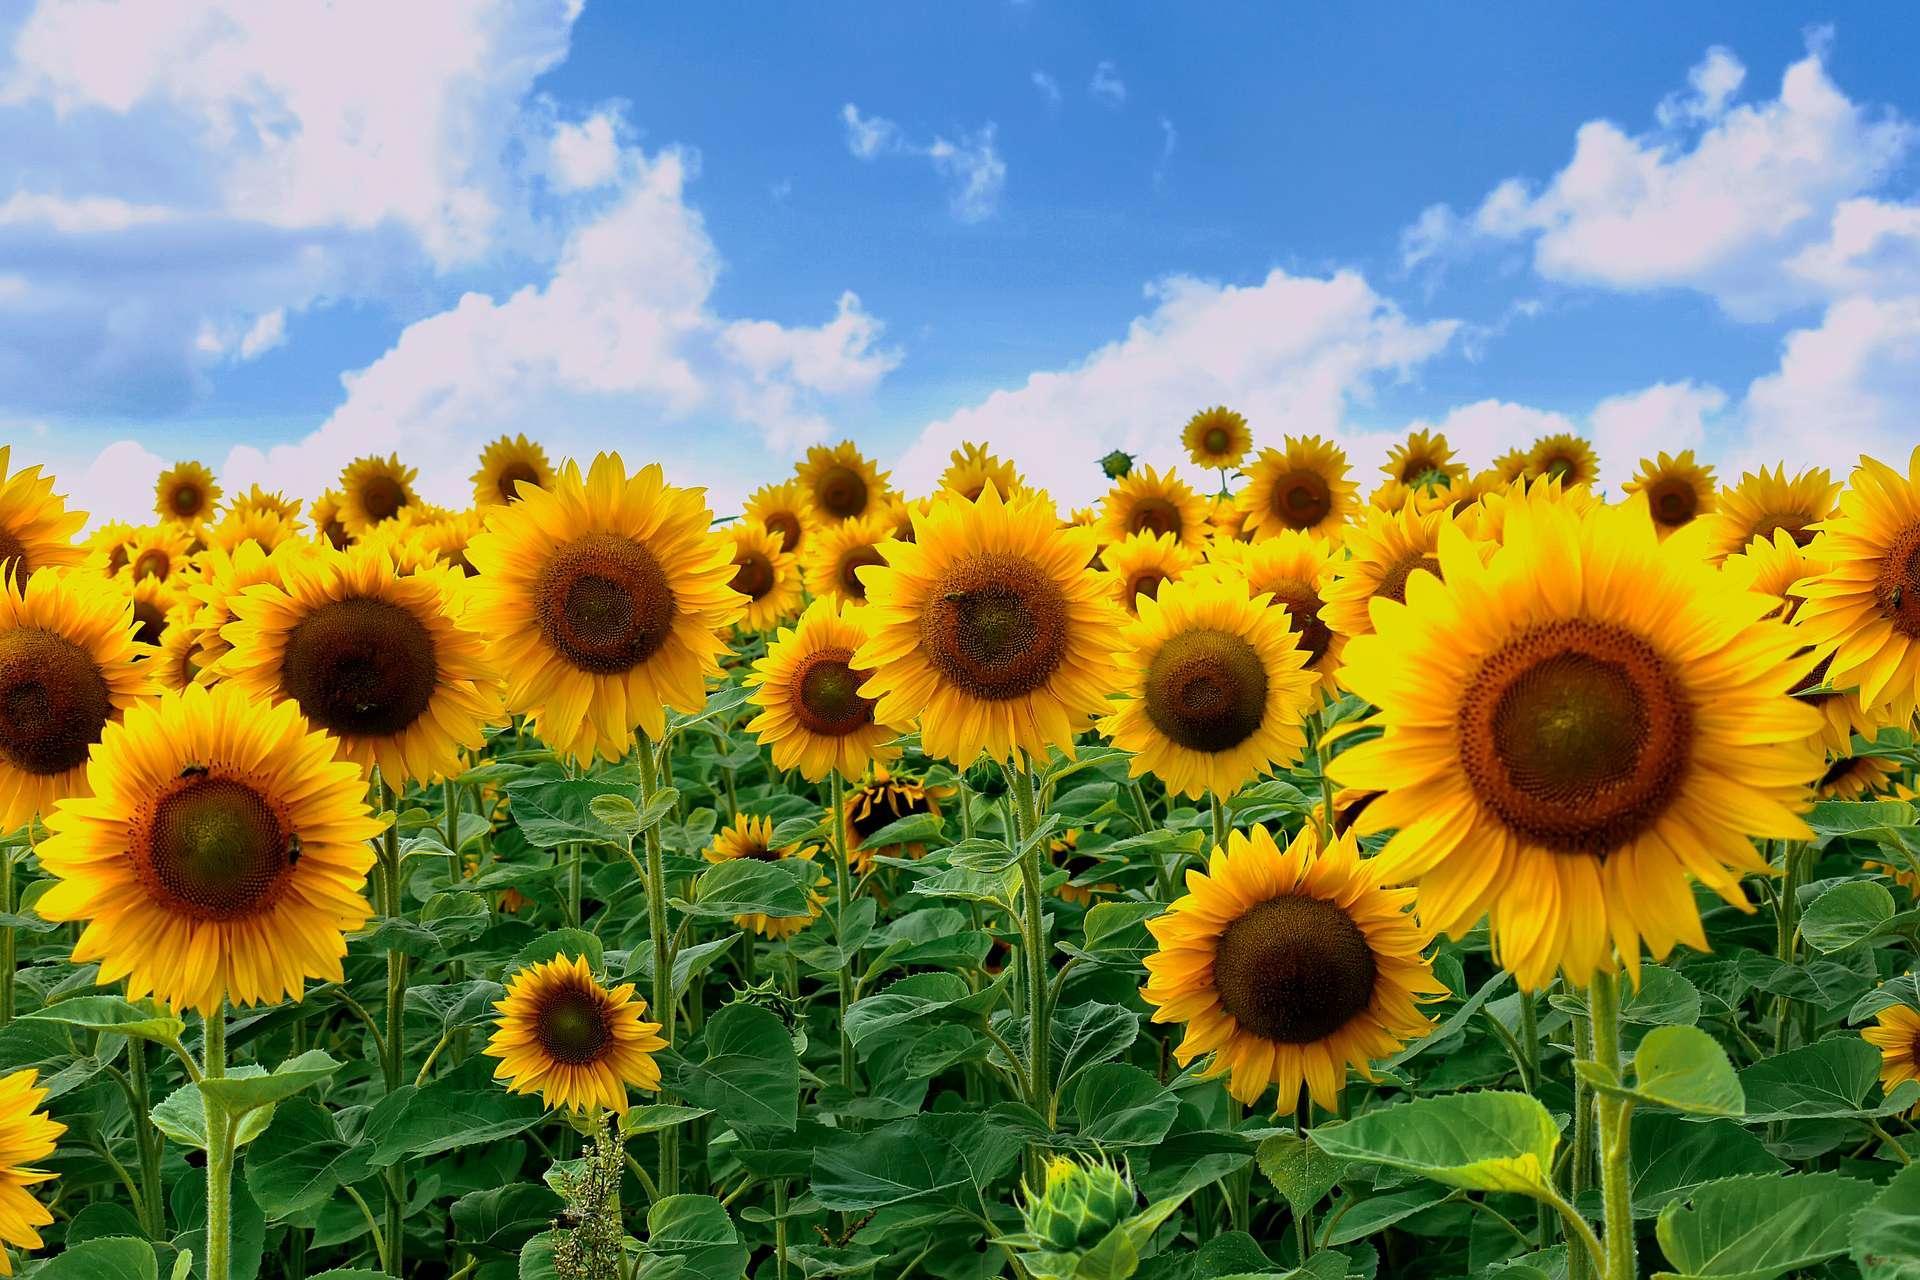 Les mini-tournesols orientables se plient pour suivre la direction du soleil. © adamchuk_leo, Adobe Stock